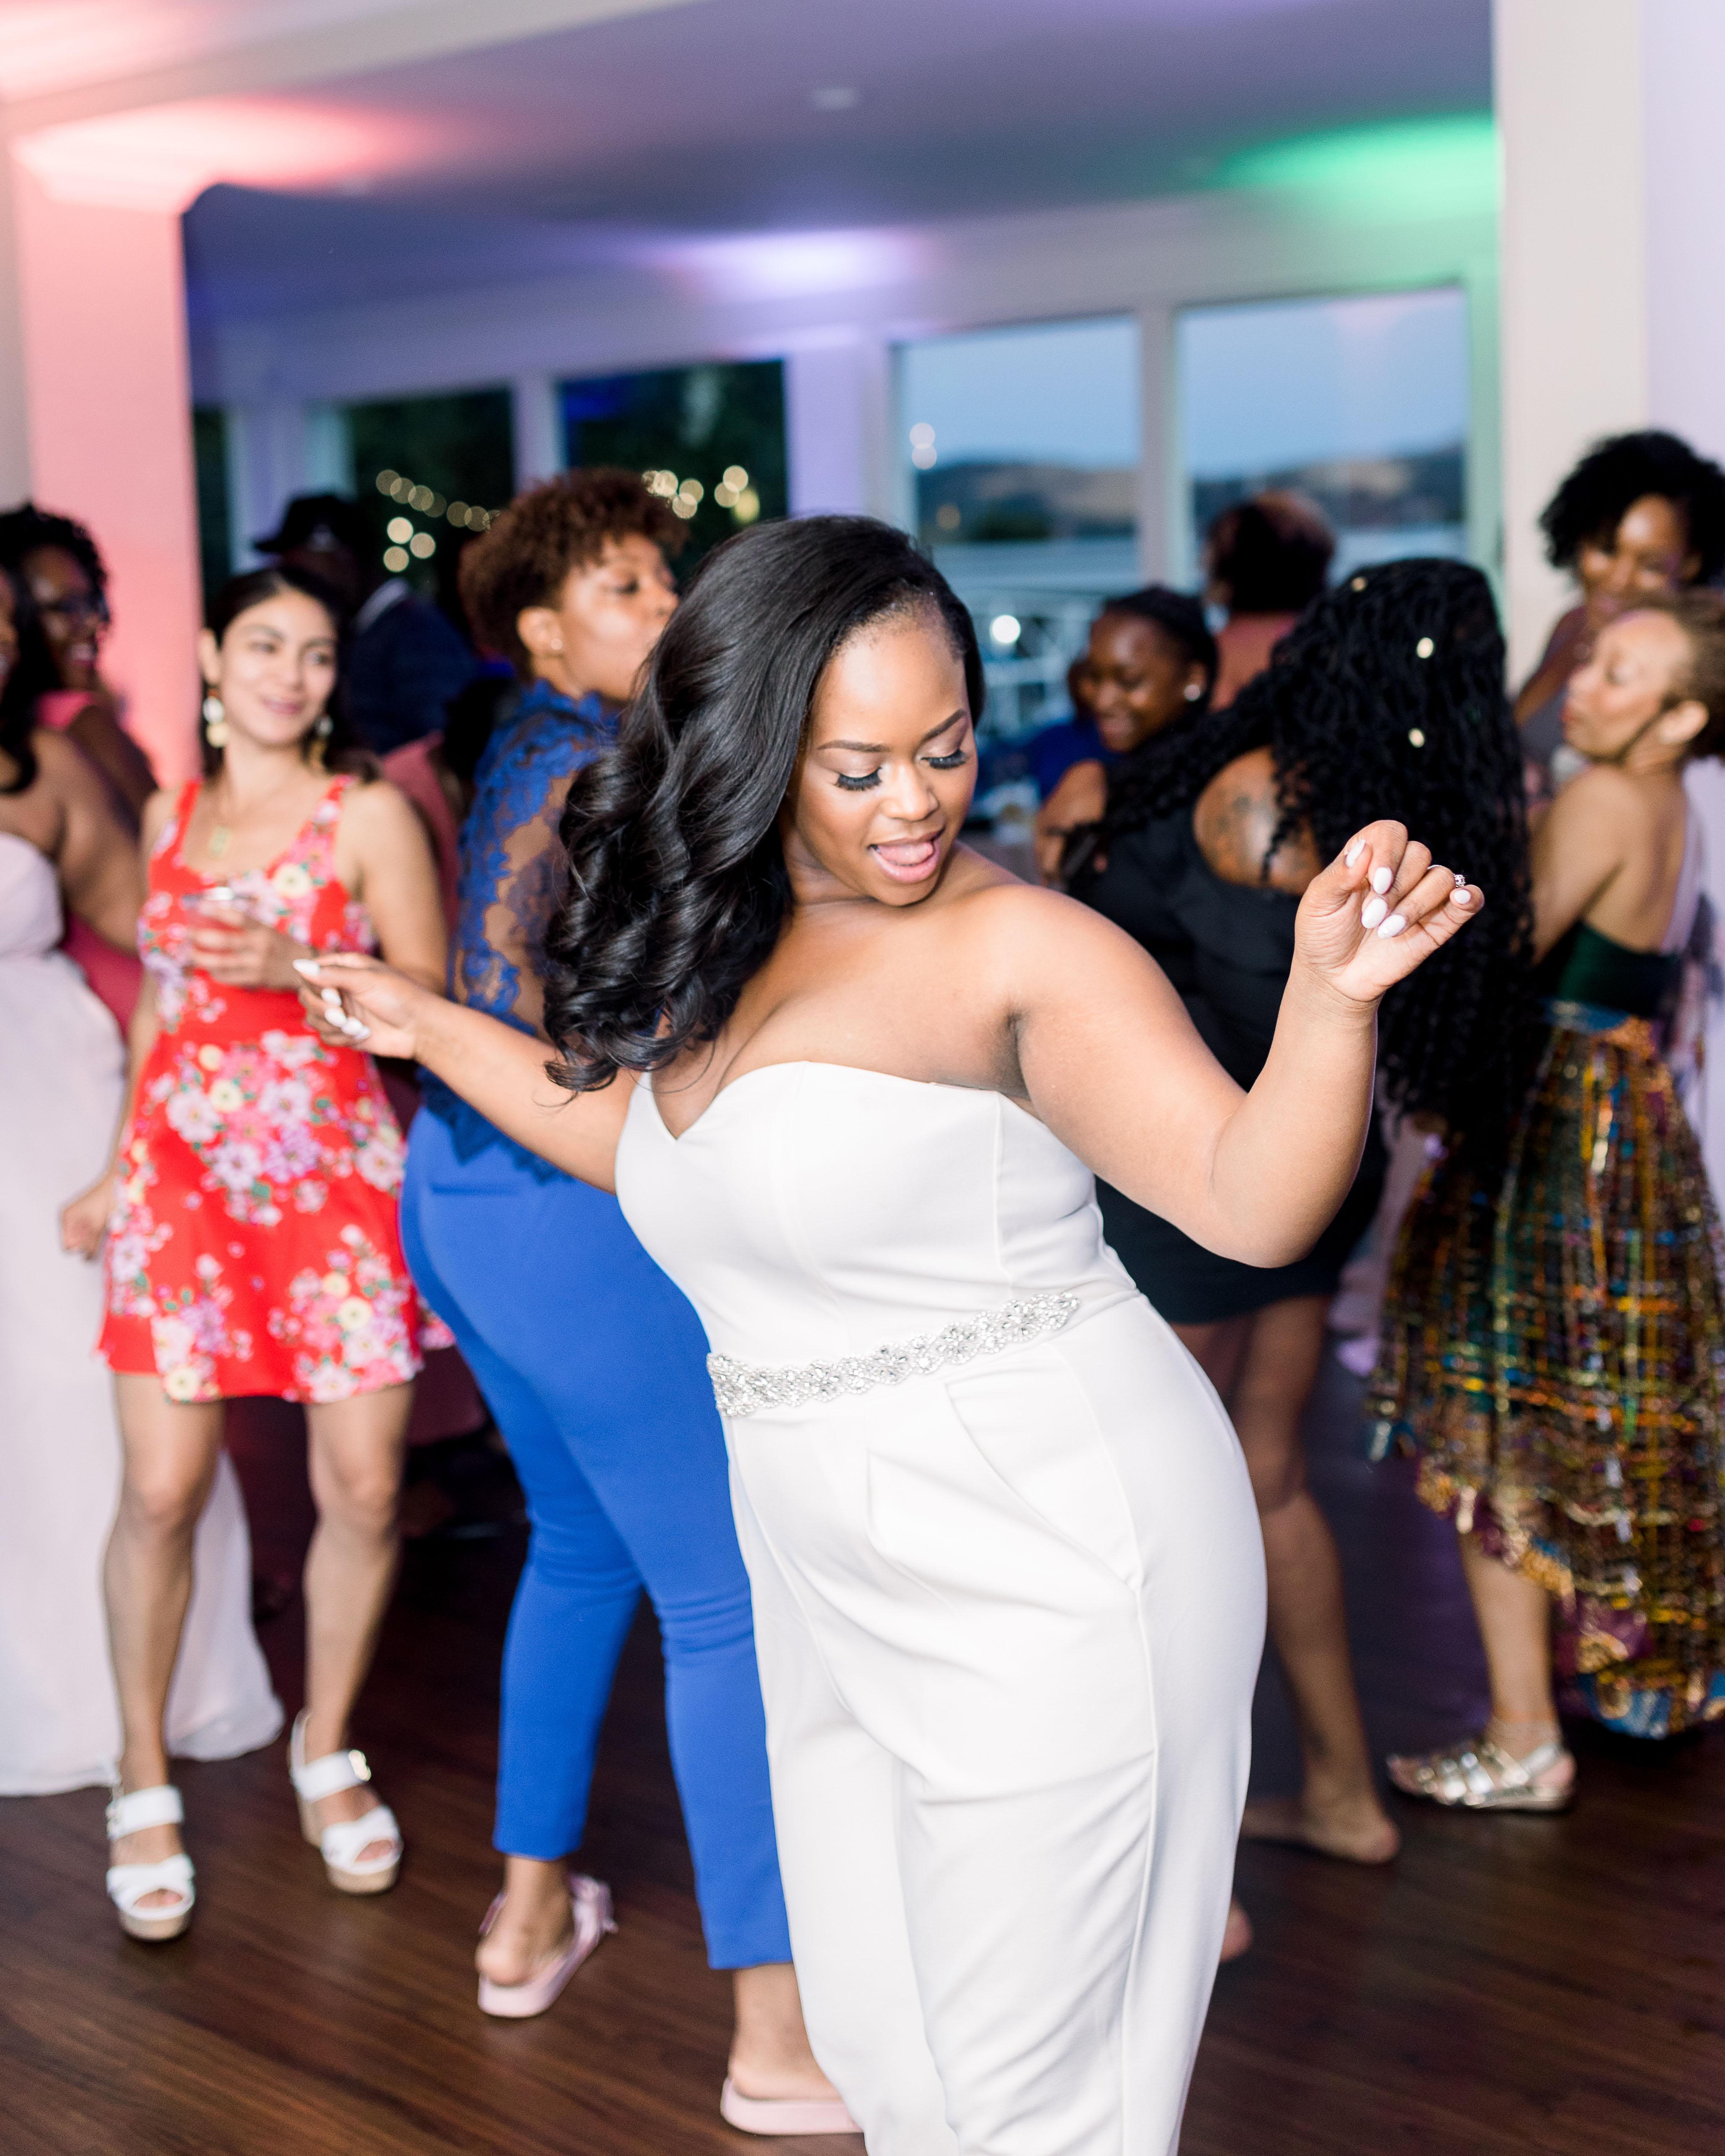 bride guests wedding reception dance